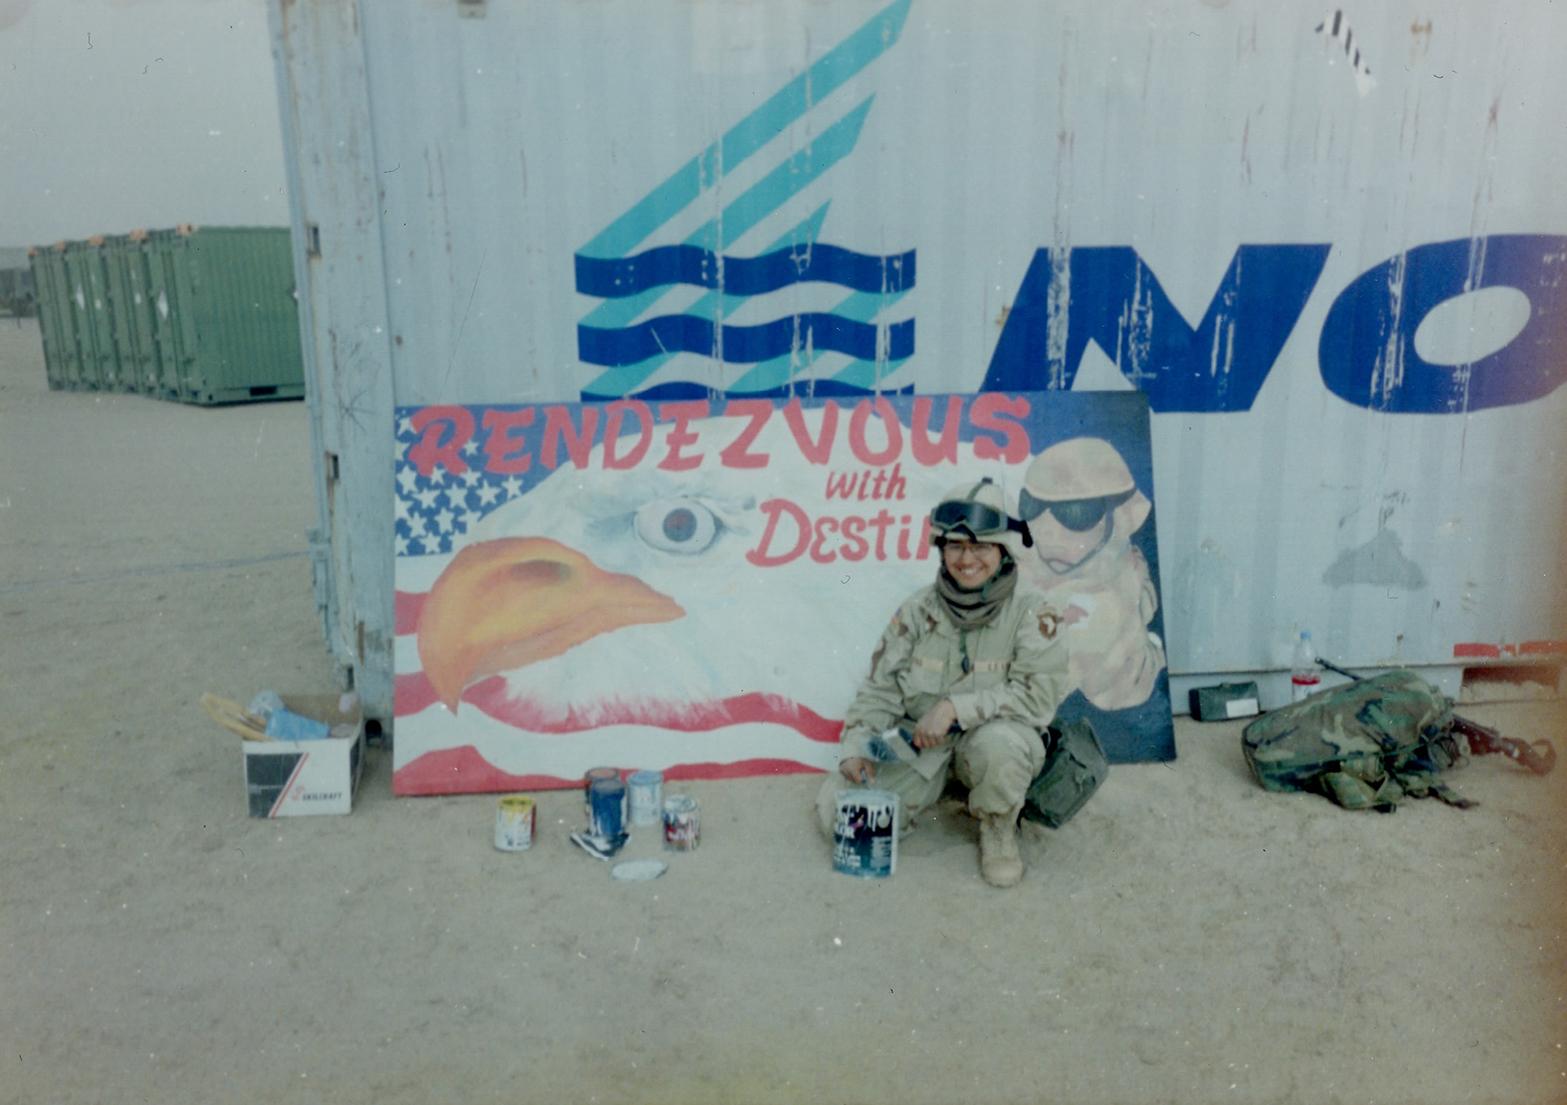 Yvette M Pino-Mural-Iraq-Yvette Pino Poto-2003.jpg